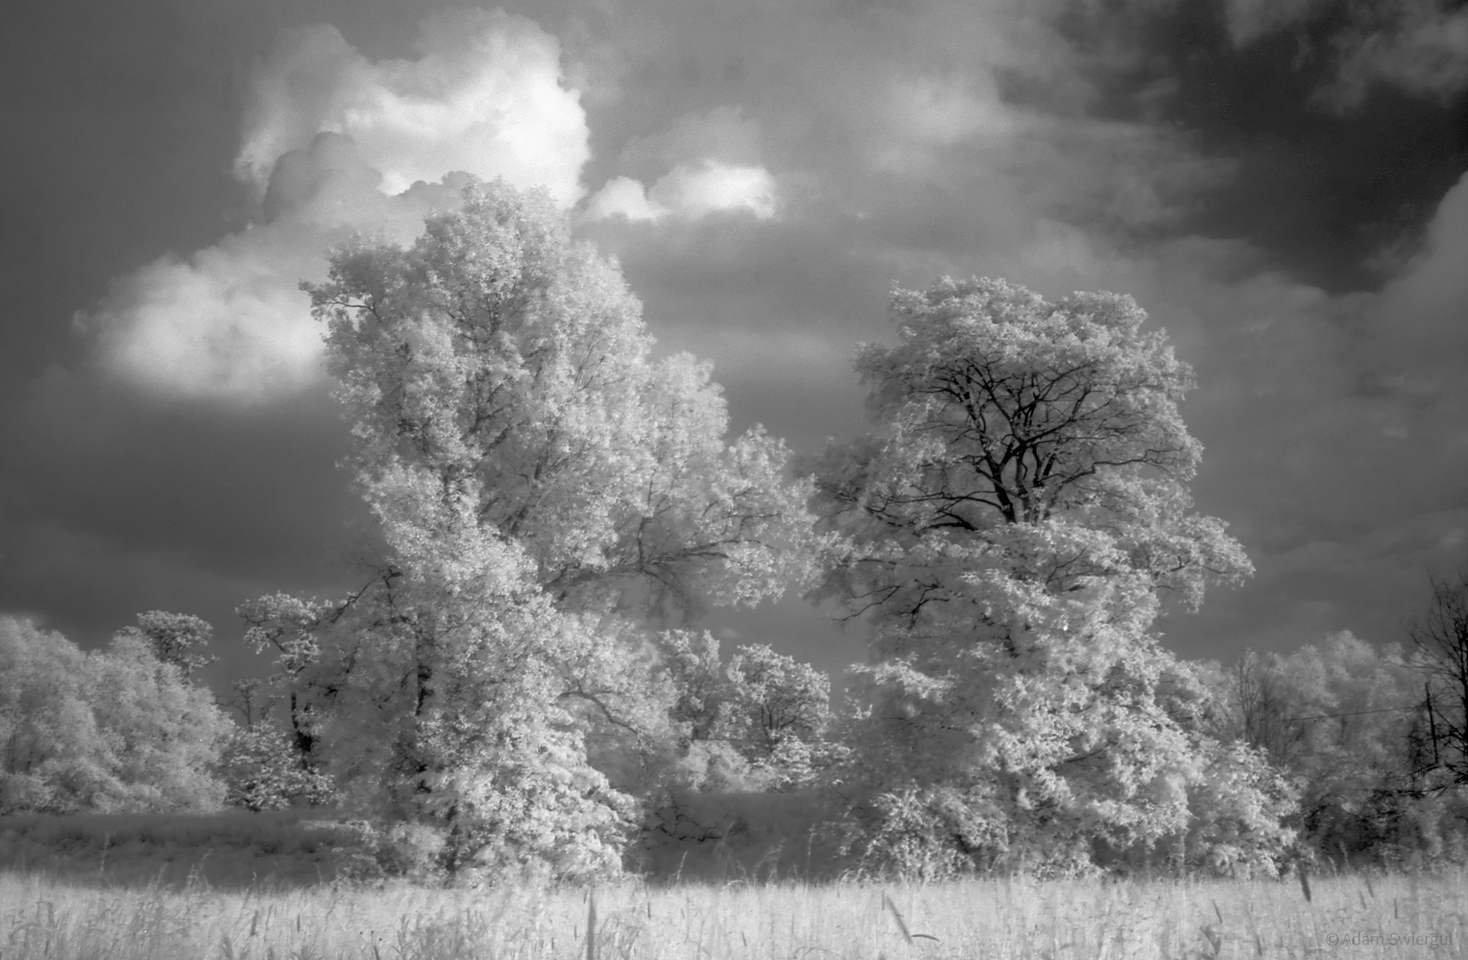 Drzewa i chmury - fotografia w podczerwieni